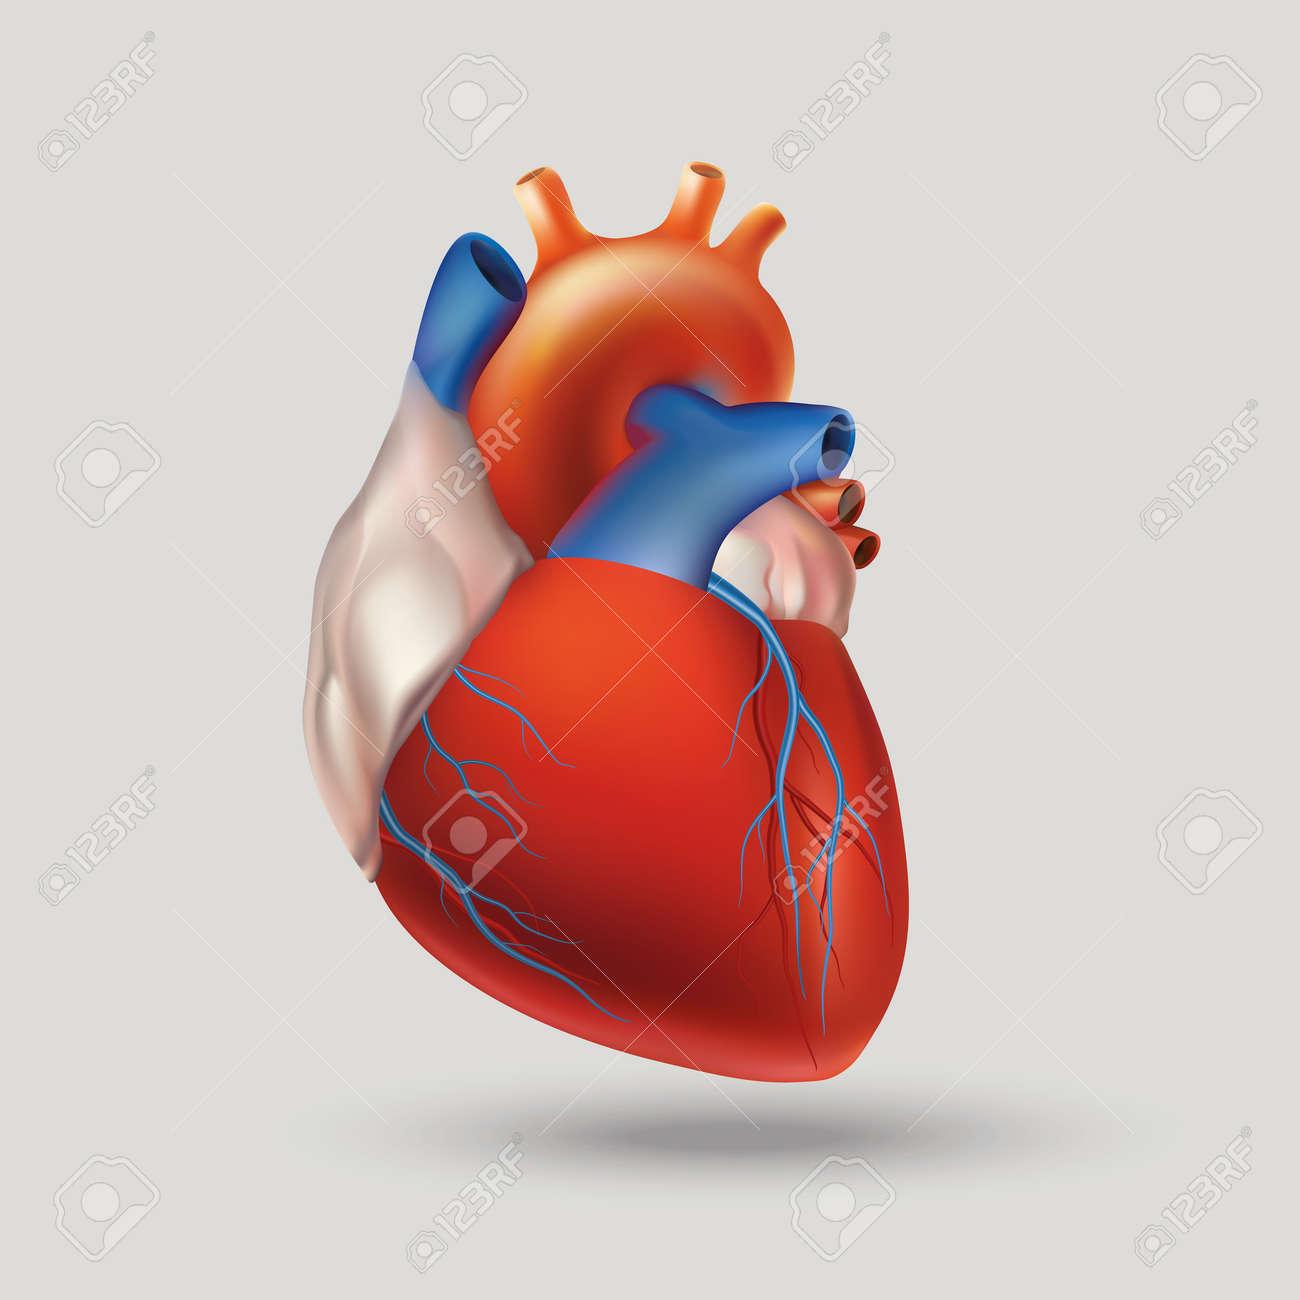 Bedingte Bild Von Einem Modell Des Menschlichen Herzens (Hohl ...